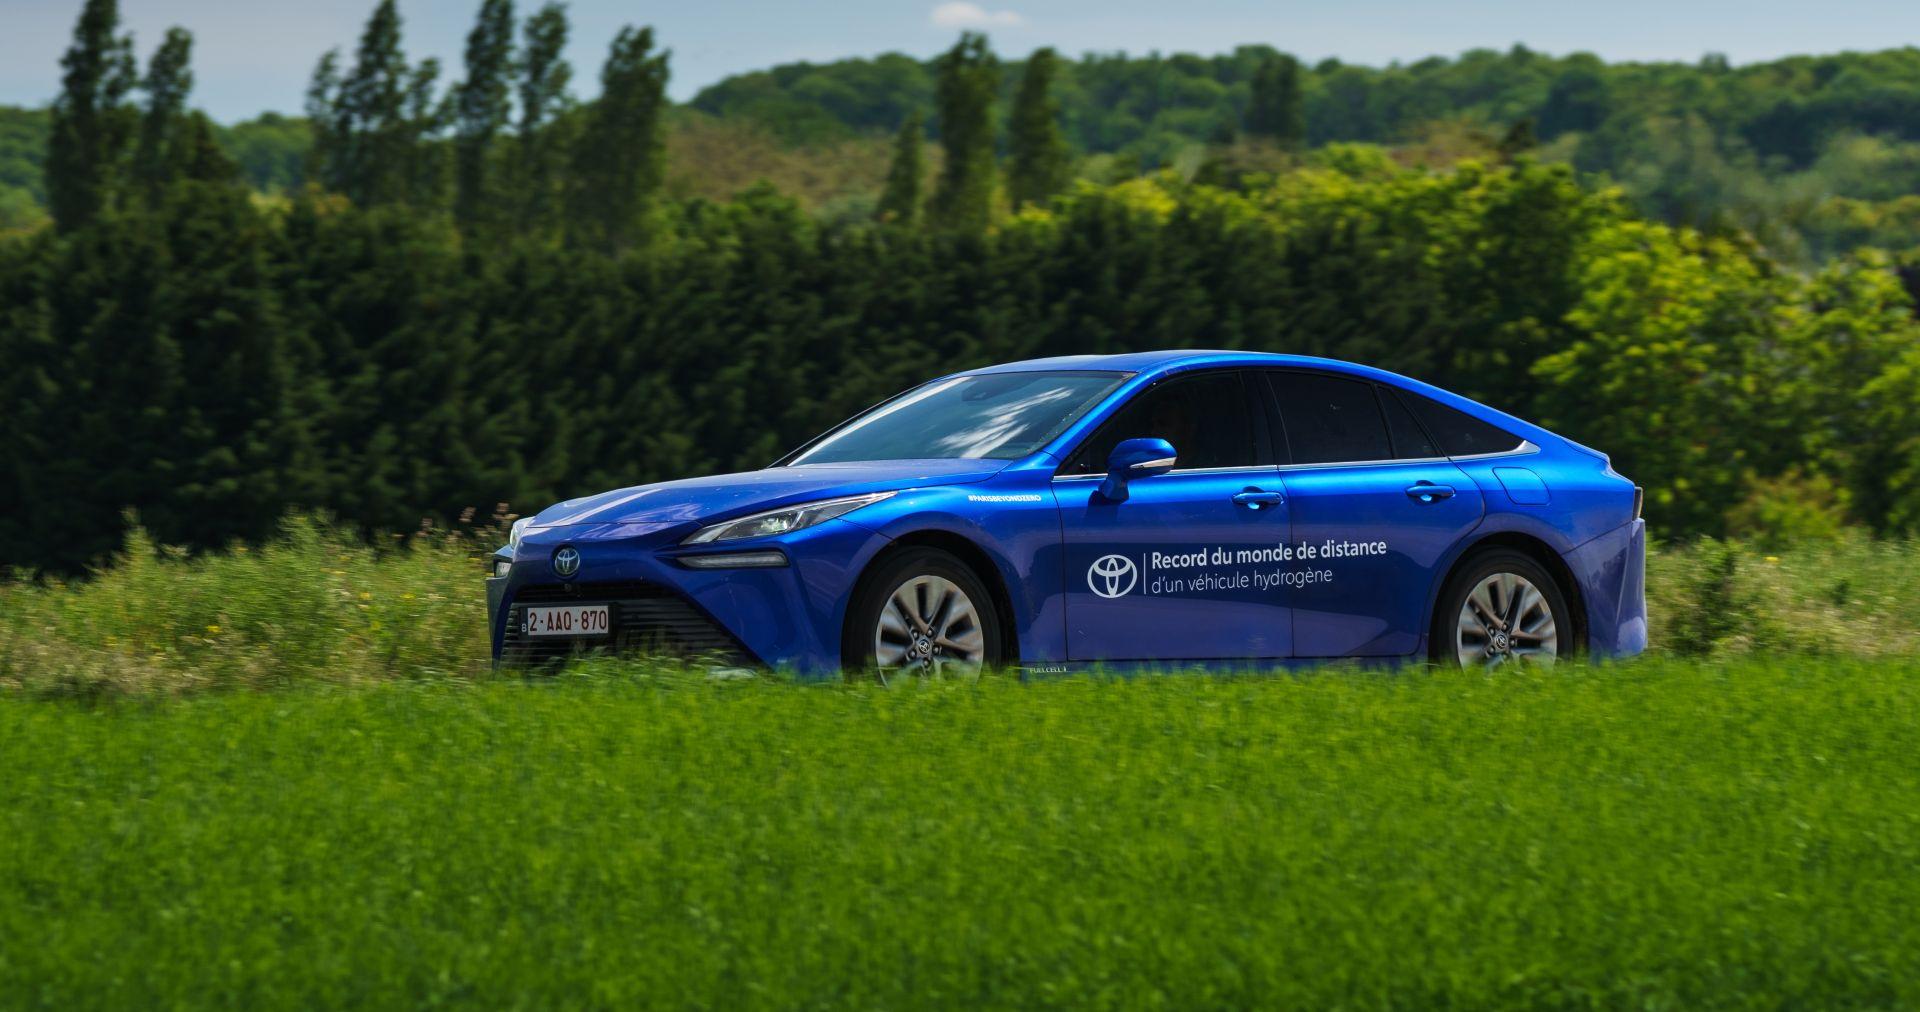 Toyota Mirai postavila svjetski rekord u udaljenosti prijeđenoj s jednim punjenjem spremnika vodika